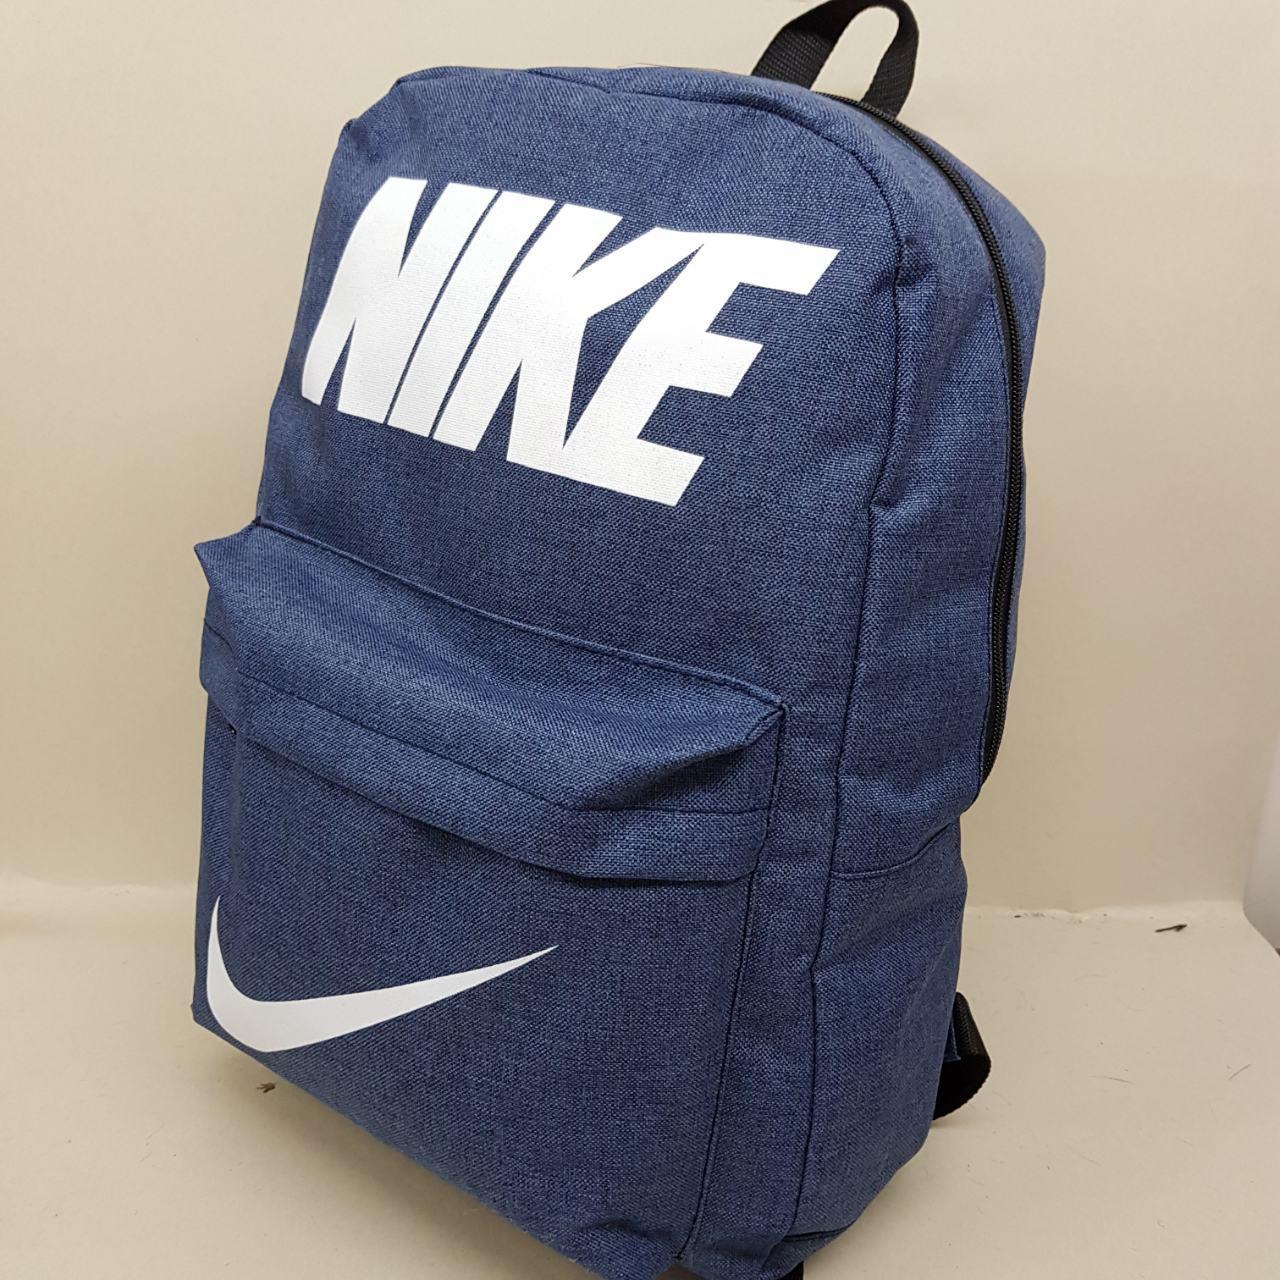 4c5f0441f780 Рюкзаки спортивные оптом, Рюкзак от производителя, Рюкзак недорого опт ,реплика